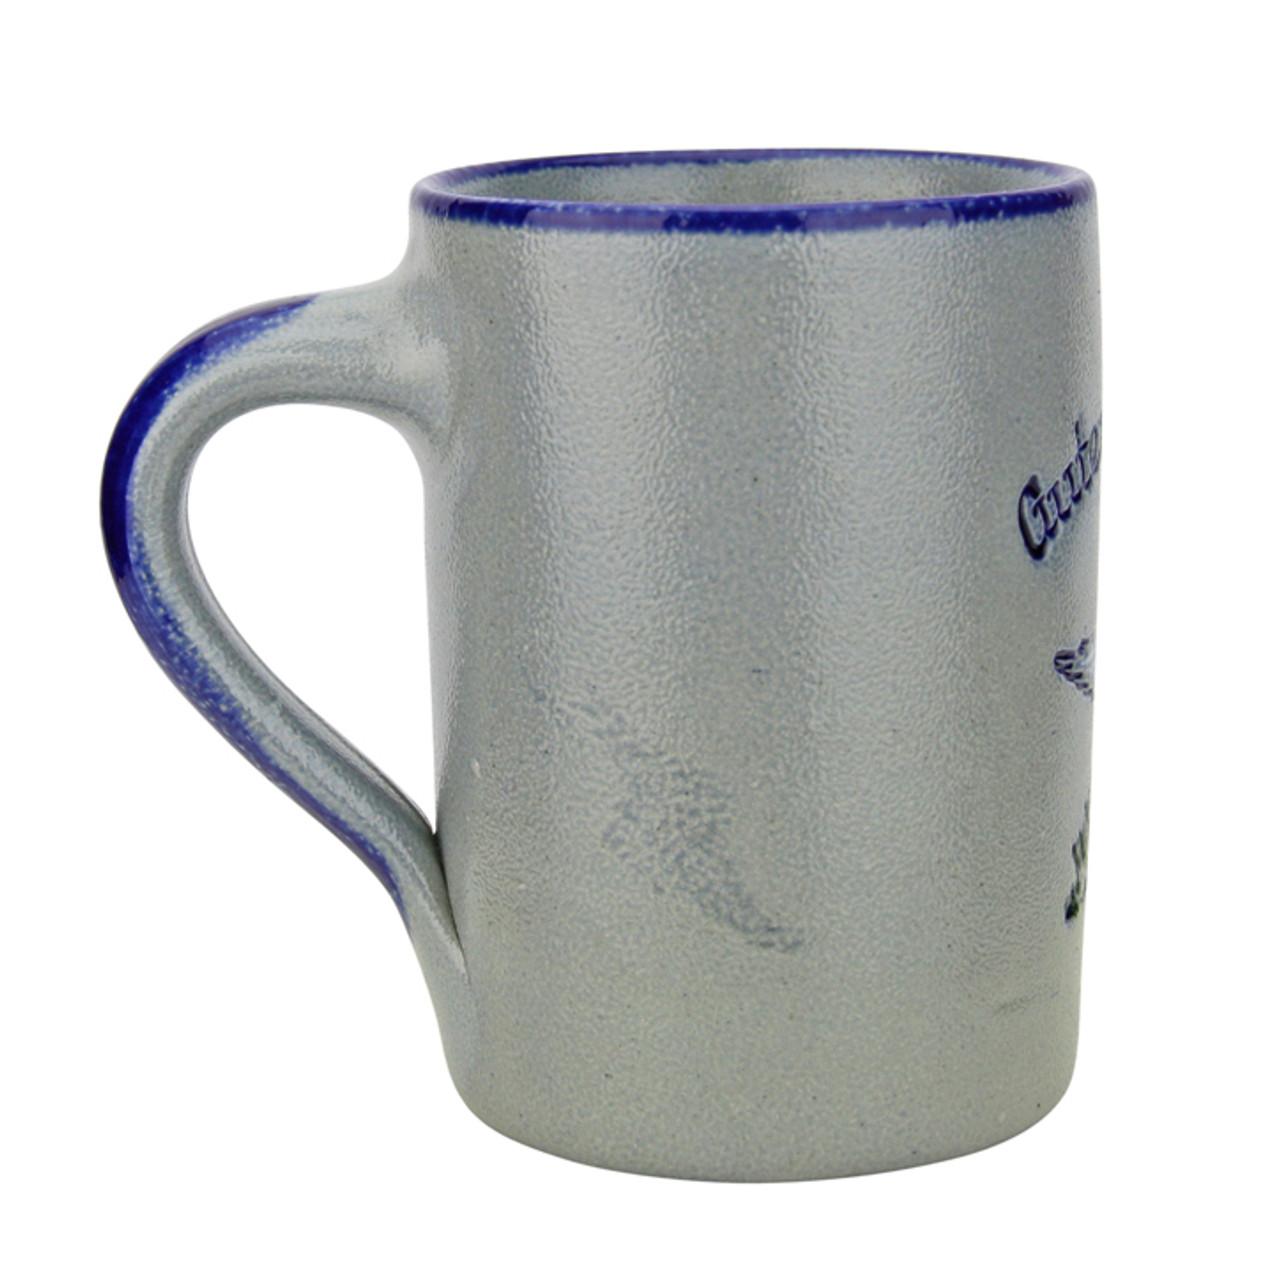 Guten Morgen   Good Morning Rooster Salt Glaze Coffee Cup